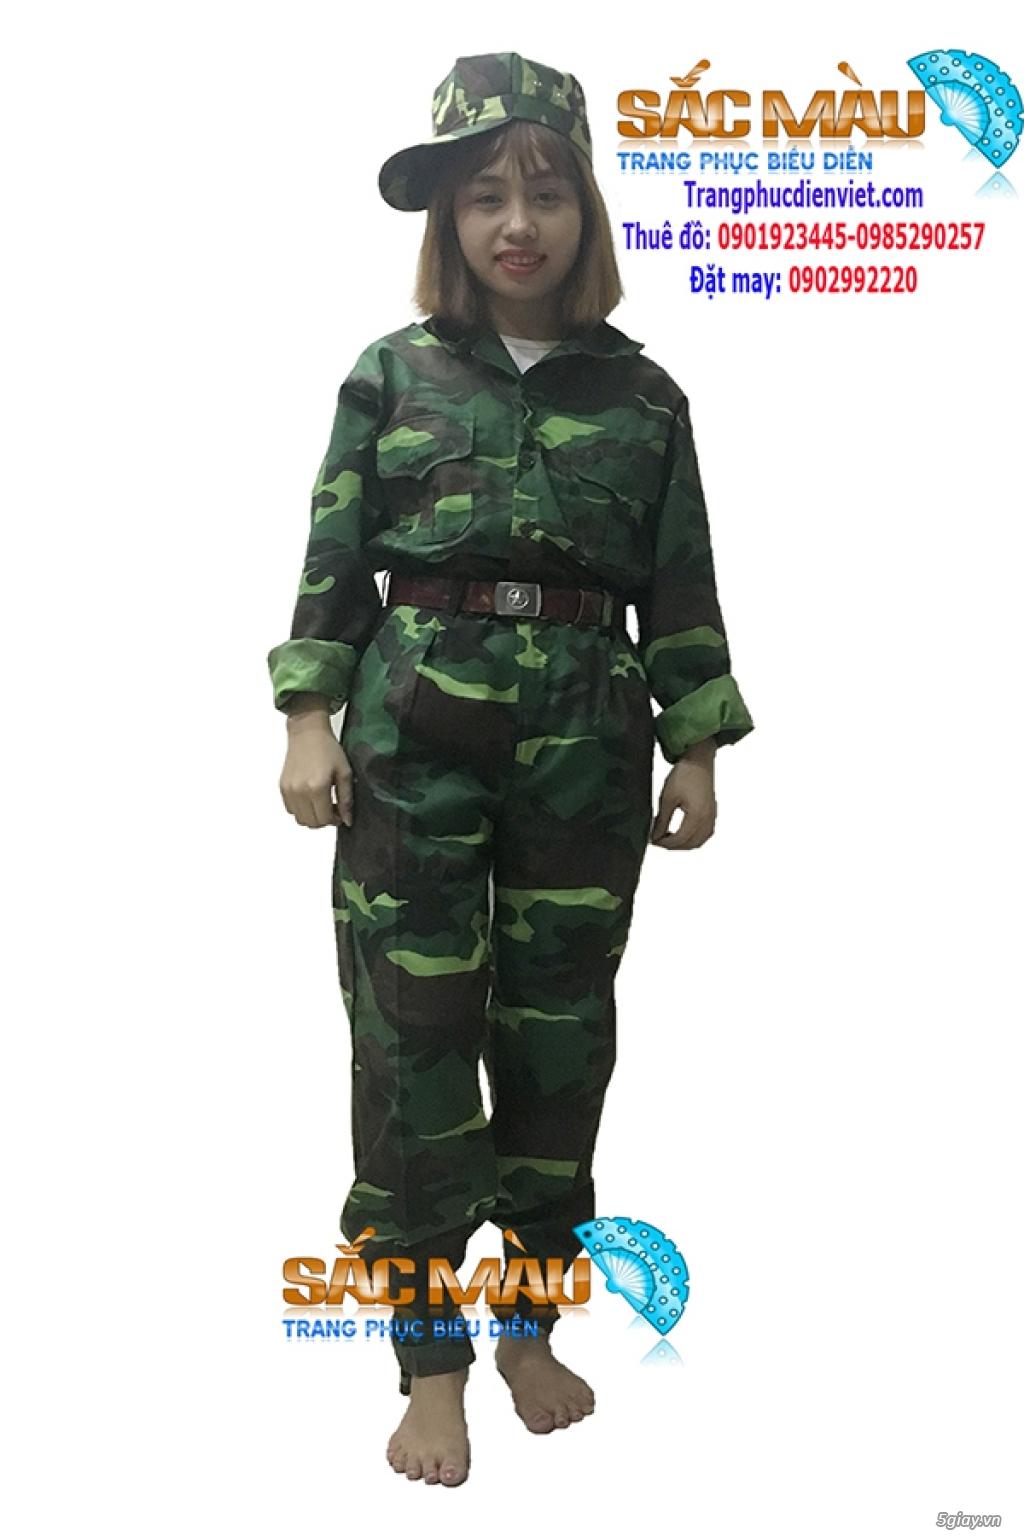 Cho thuê trang phục lính bộ đội, lính rằn ri giá rẻ quận 12, tphcm - 3